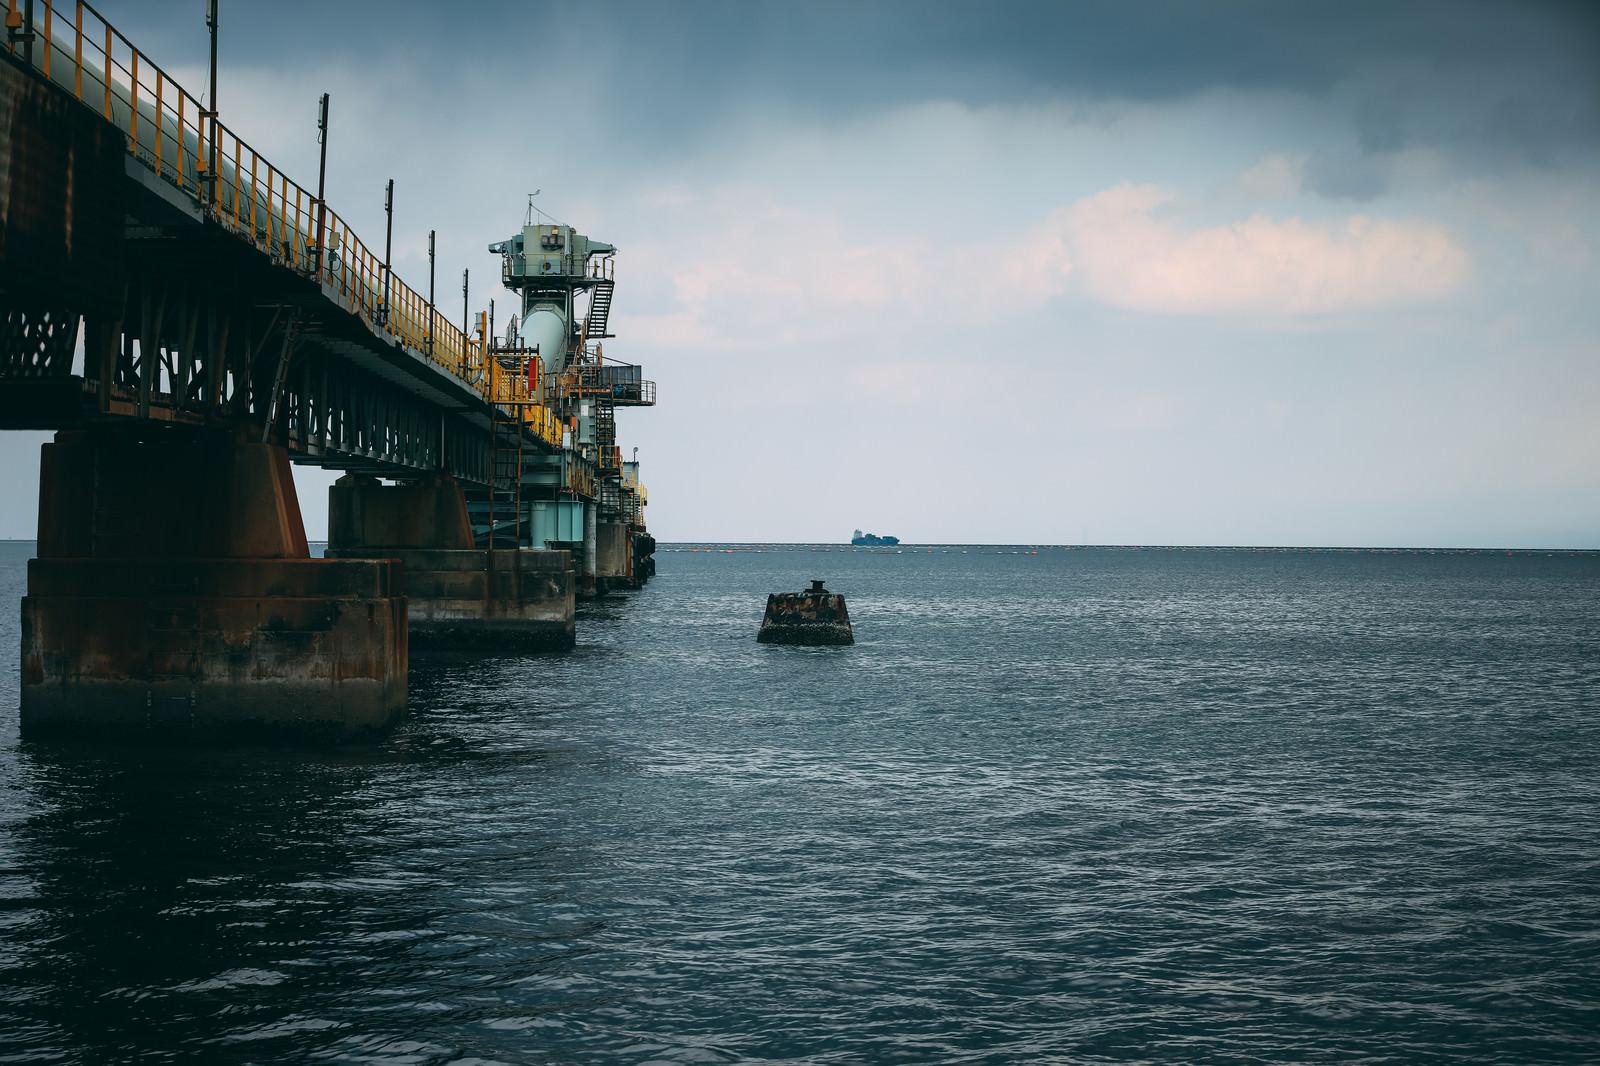 「海上工場の先に見る運搬船」の写真